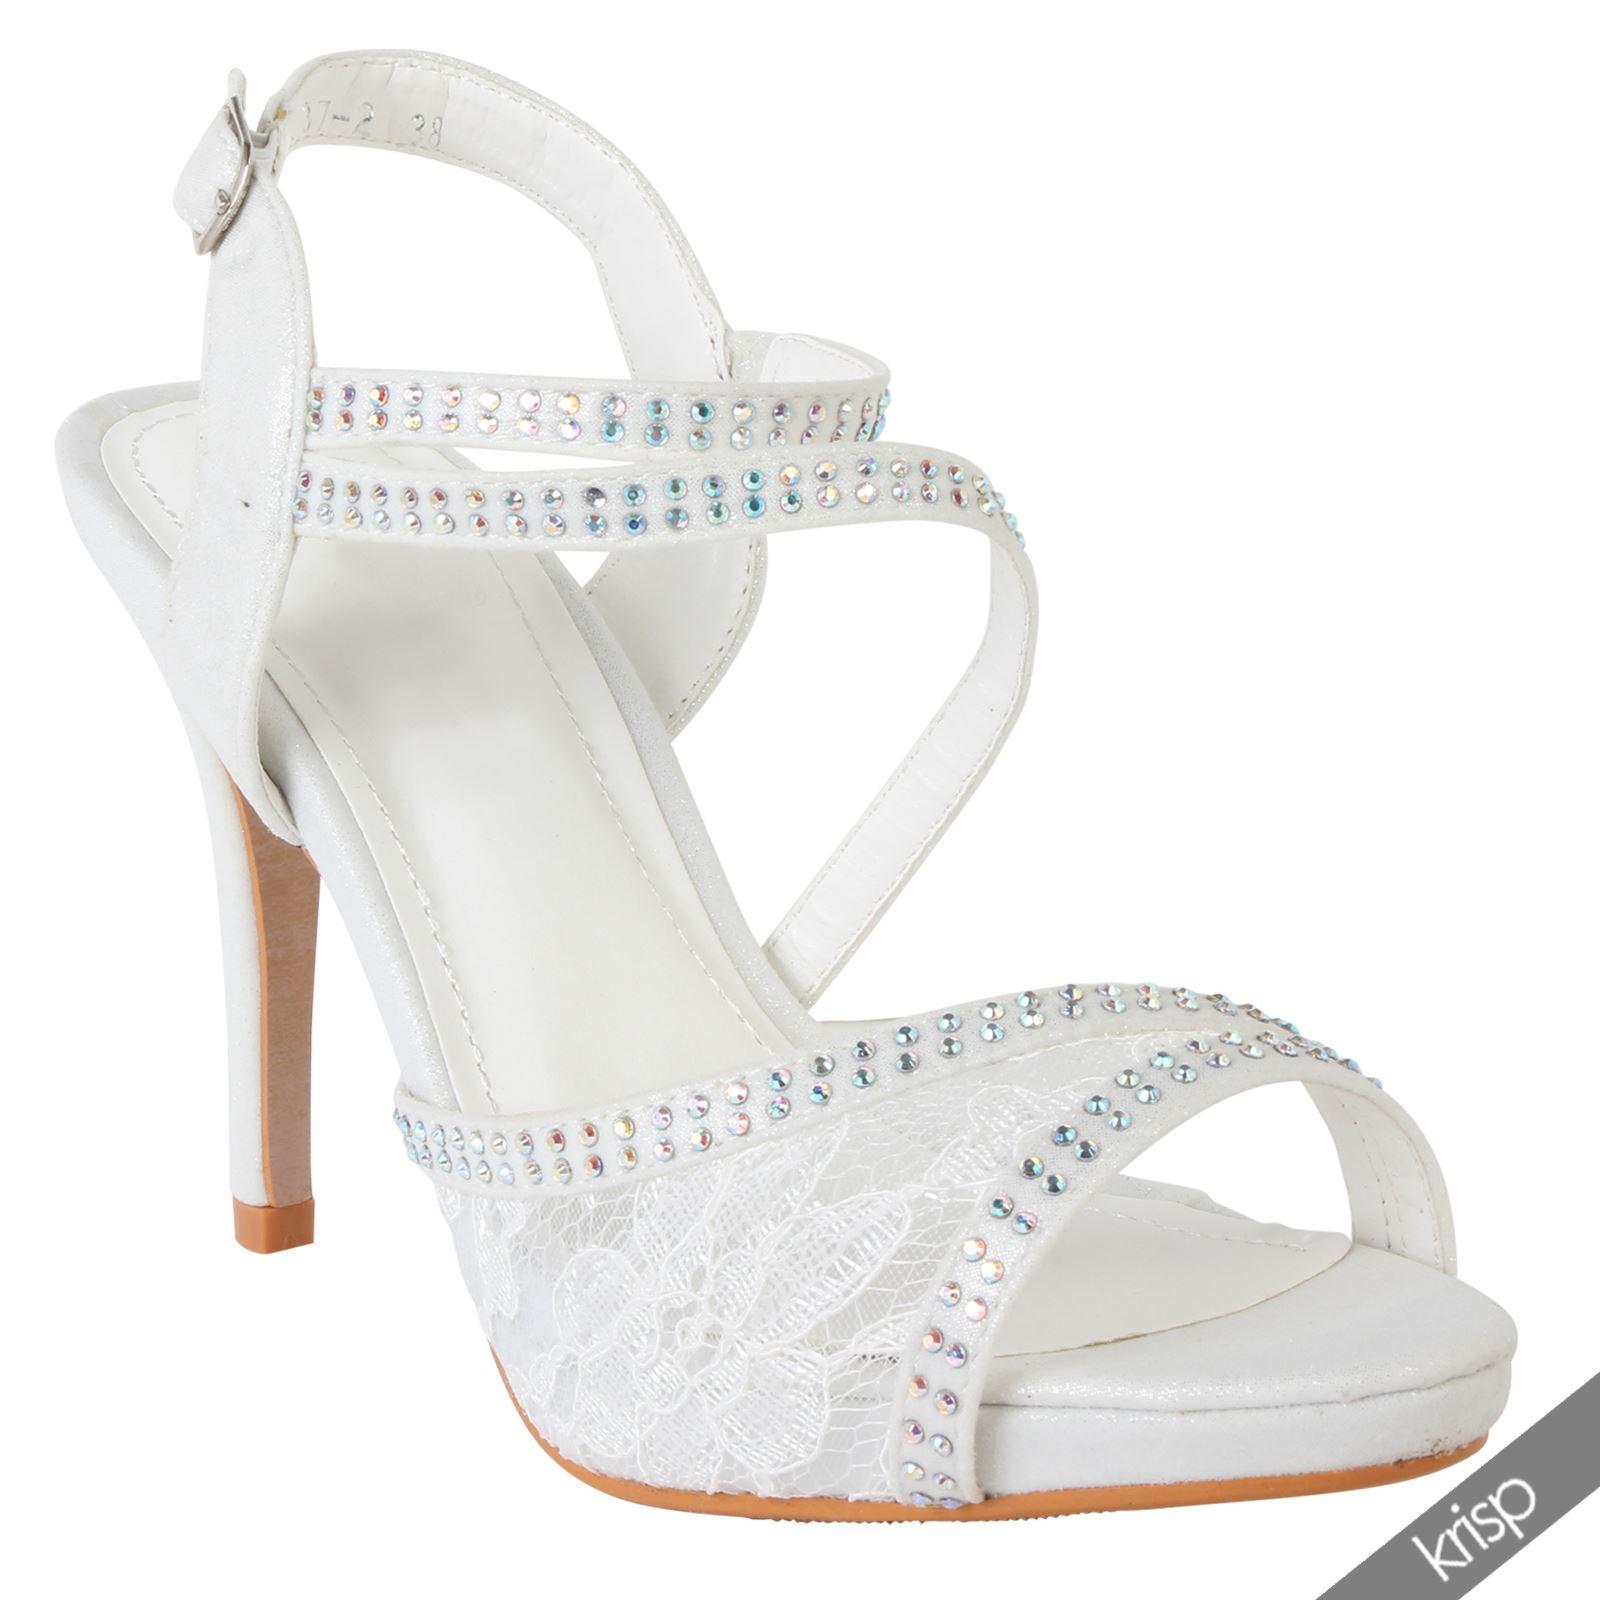 damen sandalette riemchensandale high heels mit spitze und. Black Bedroom Furniture Sets. Home Design Ideas